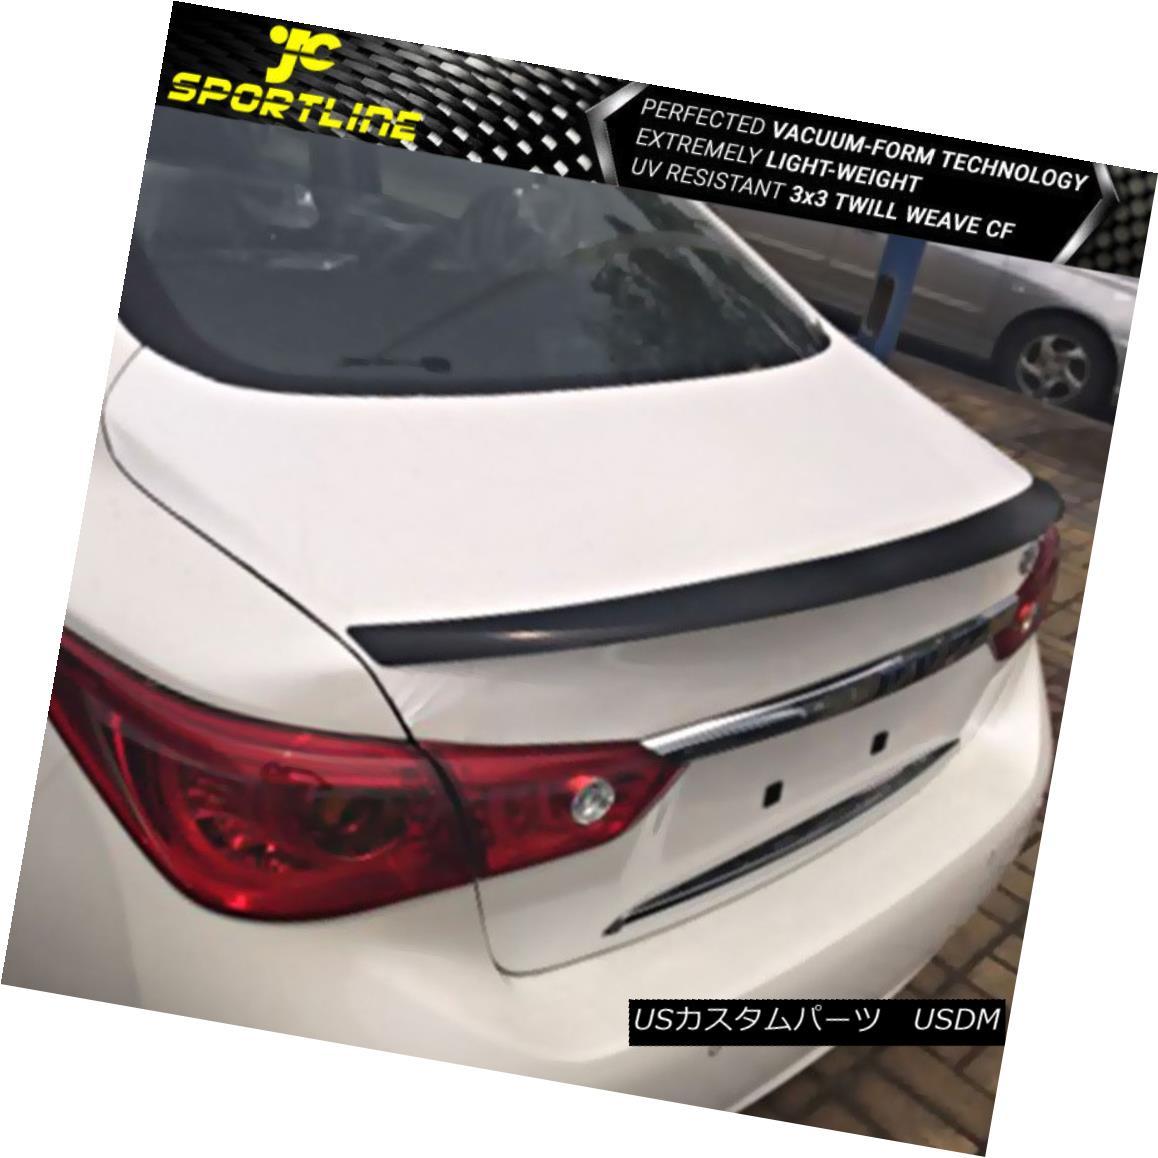 エアロパーツ Fits 14-18 Infiniti Q50 Rear Trunk Spoiler Wing Carbon Fiber フィット14-18インフィニティQ50リアトランクスポイラーウィングカーボンファイバー